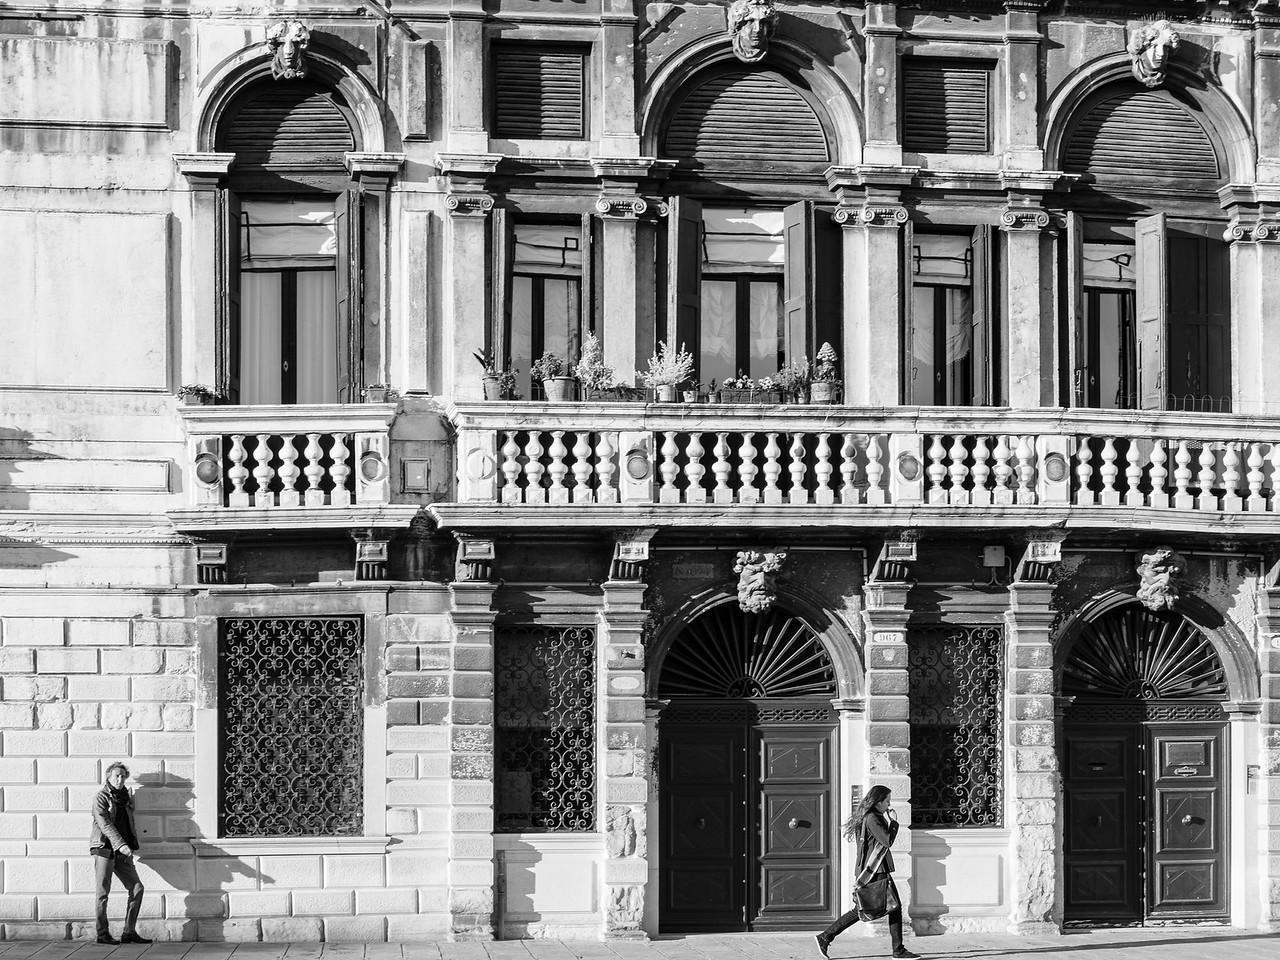 31/45 Façades sur Fondamenta Cannaregio, vue du vaporetto.